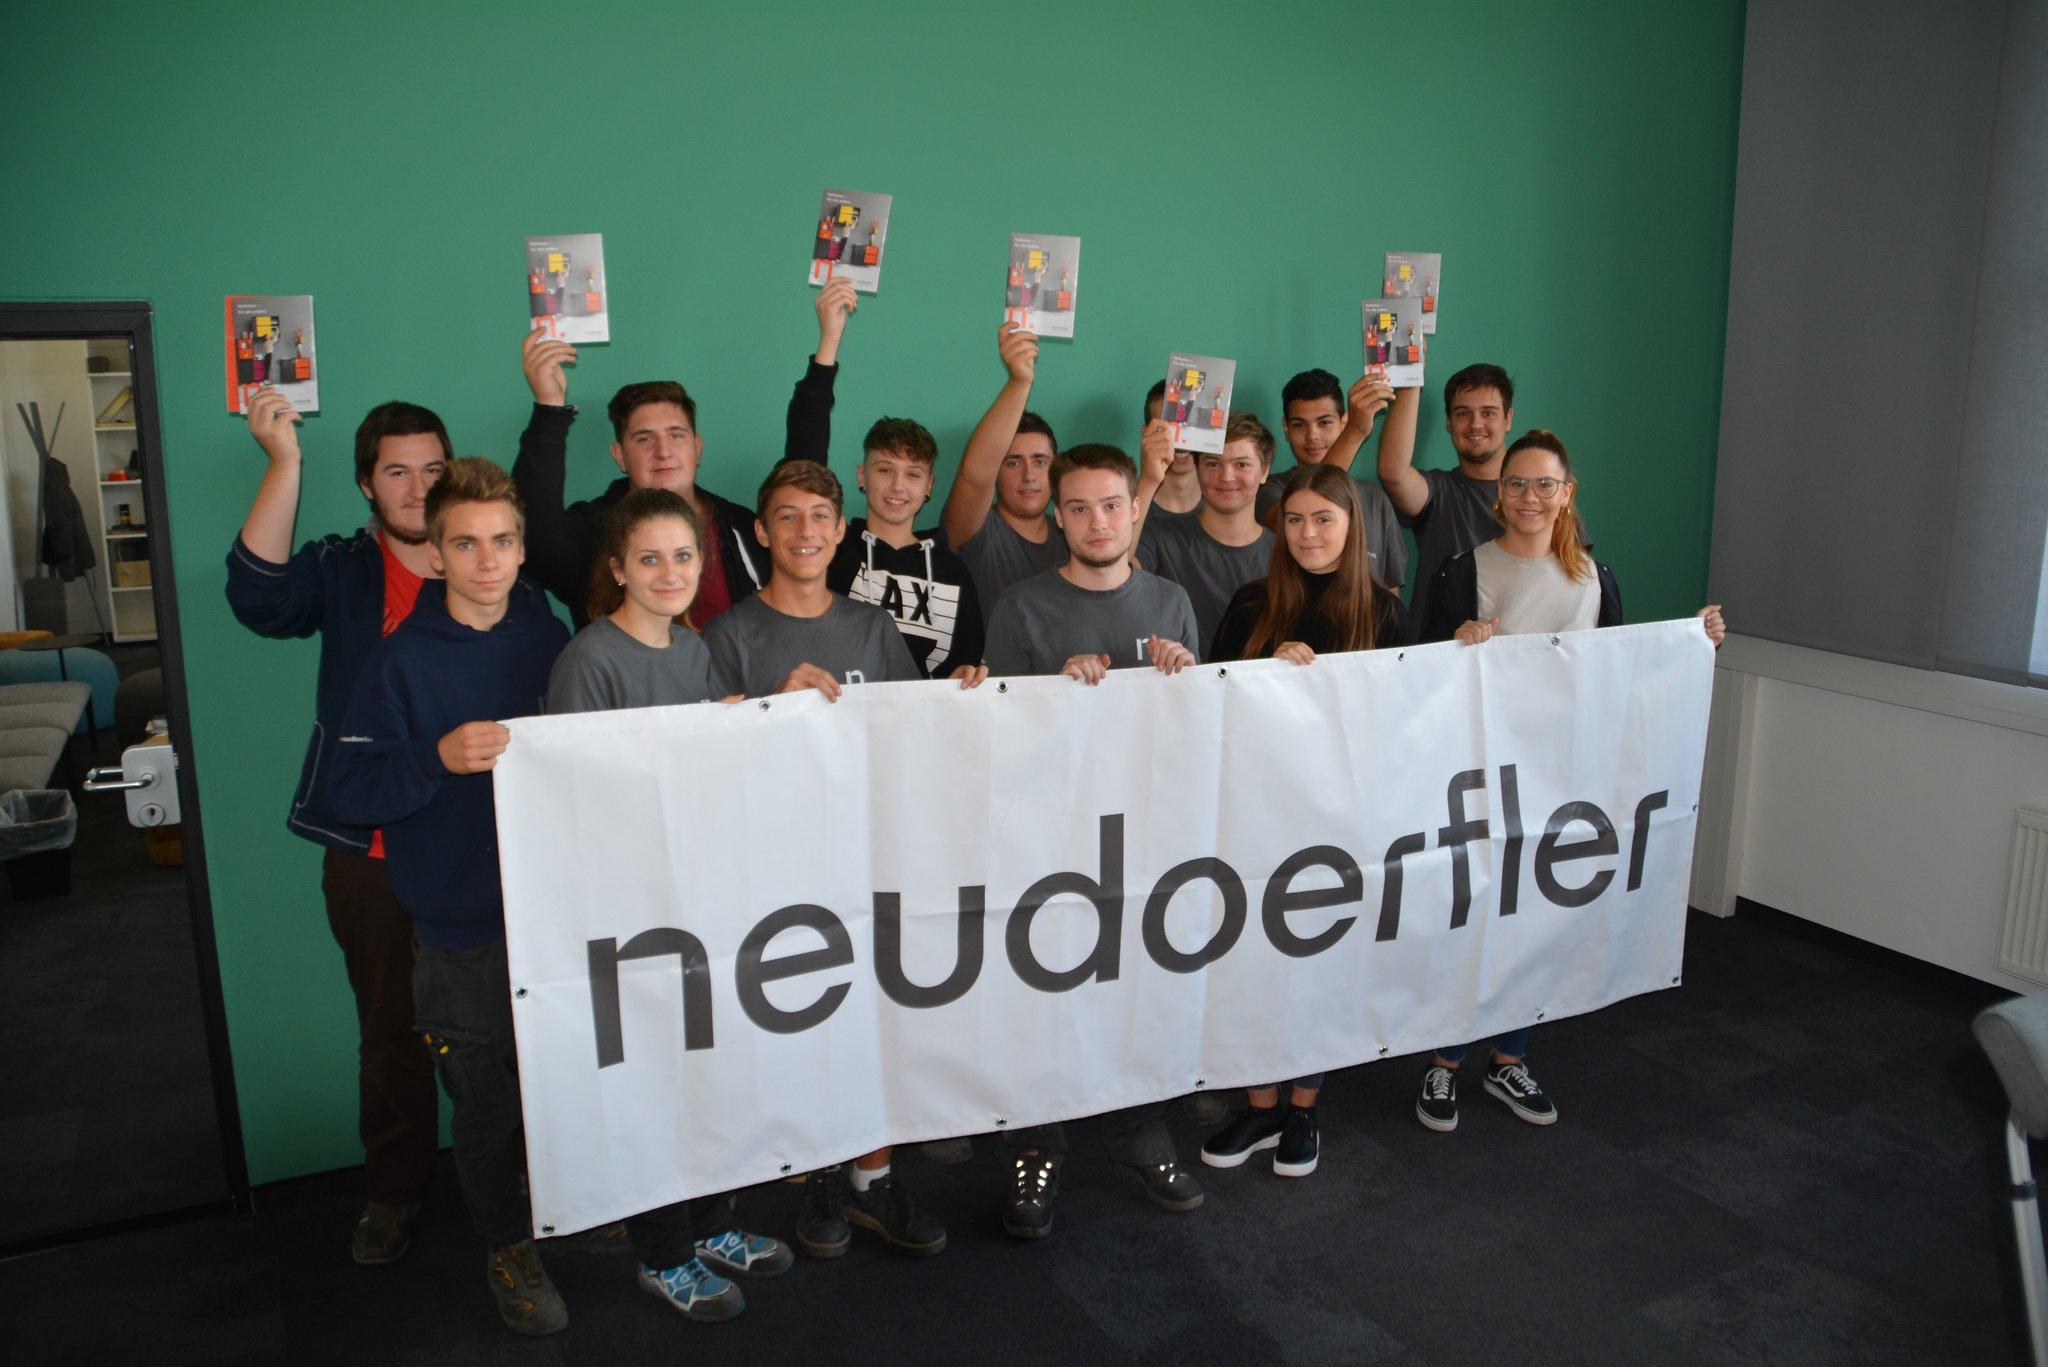 Neu leute kennenlernen in brunn am gebirge - Neudrfl single kino